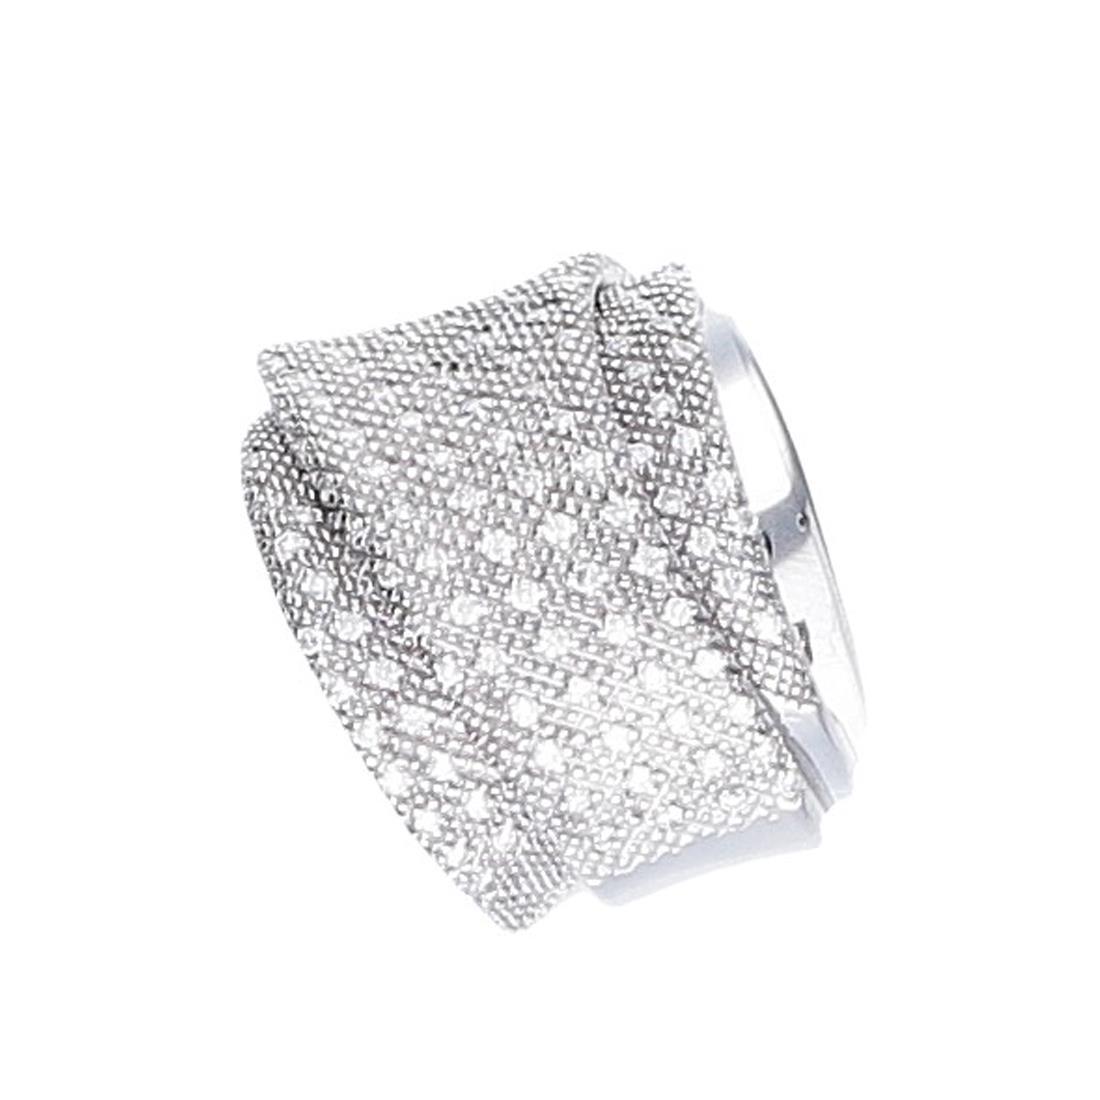 Anello Pasquale Bruni con diamanti ct 0,77 mis 20 - PASQUALE BRUNI